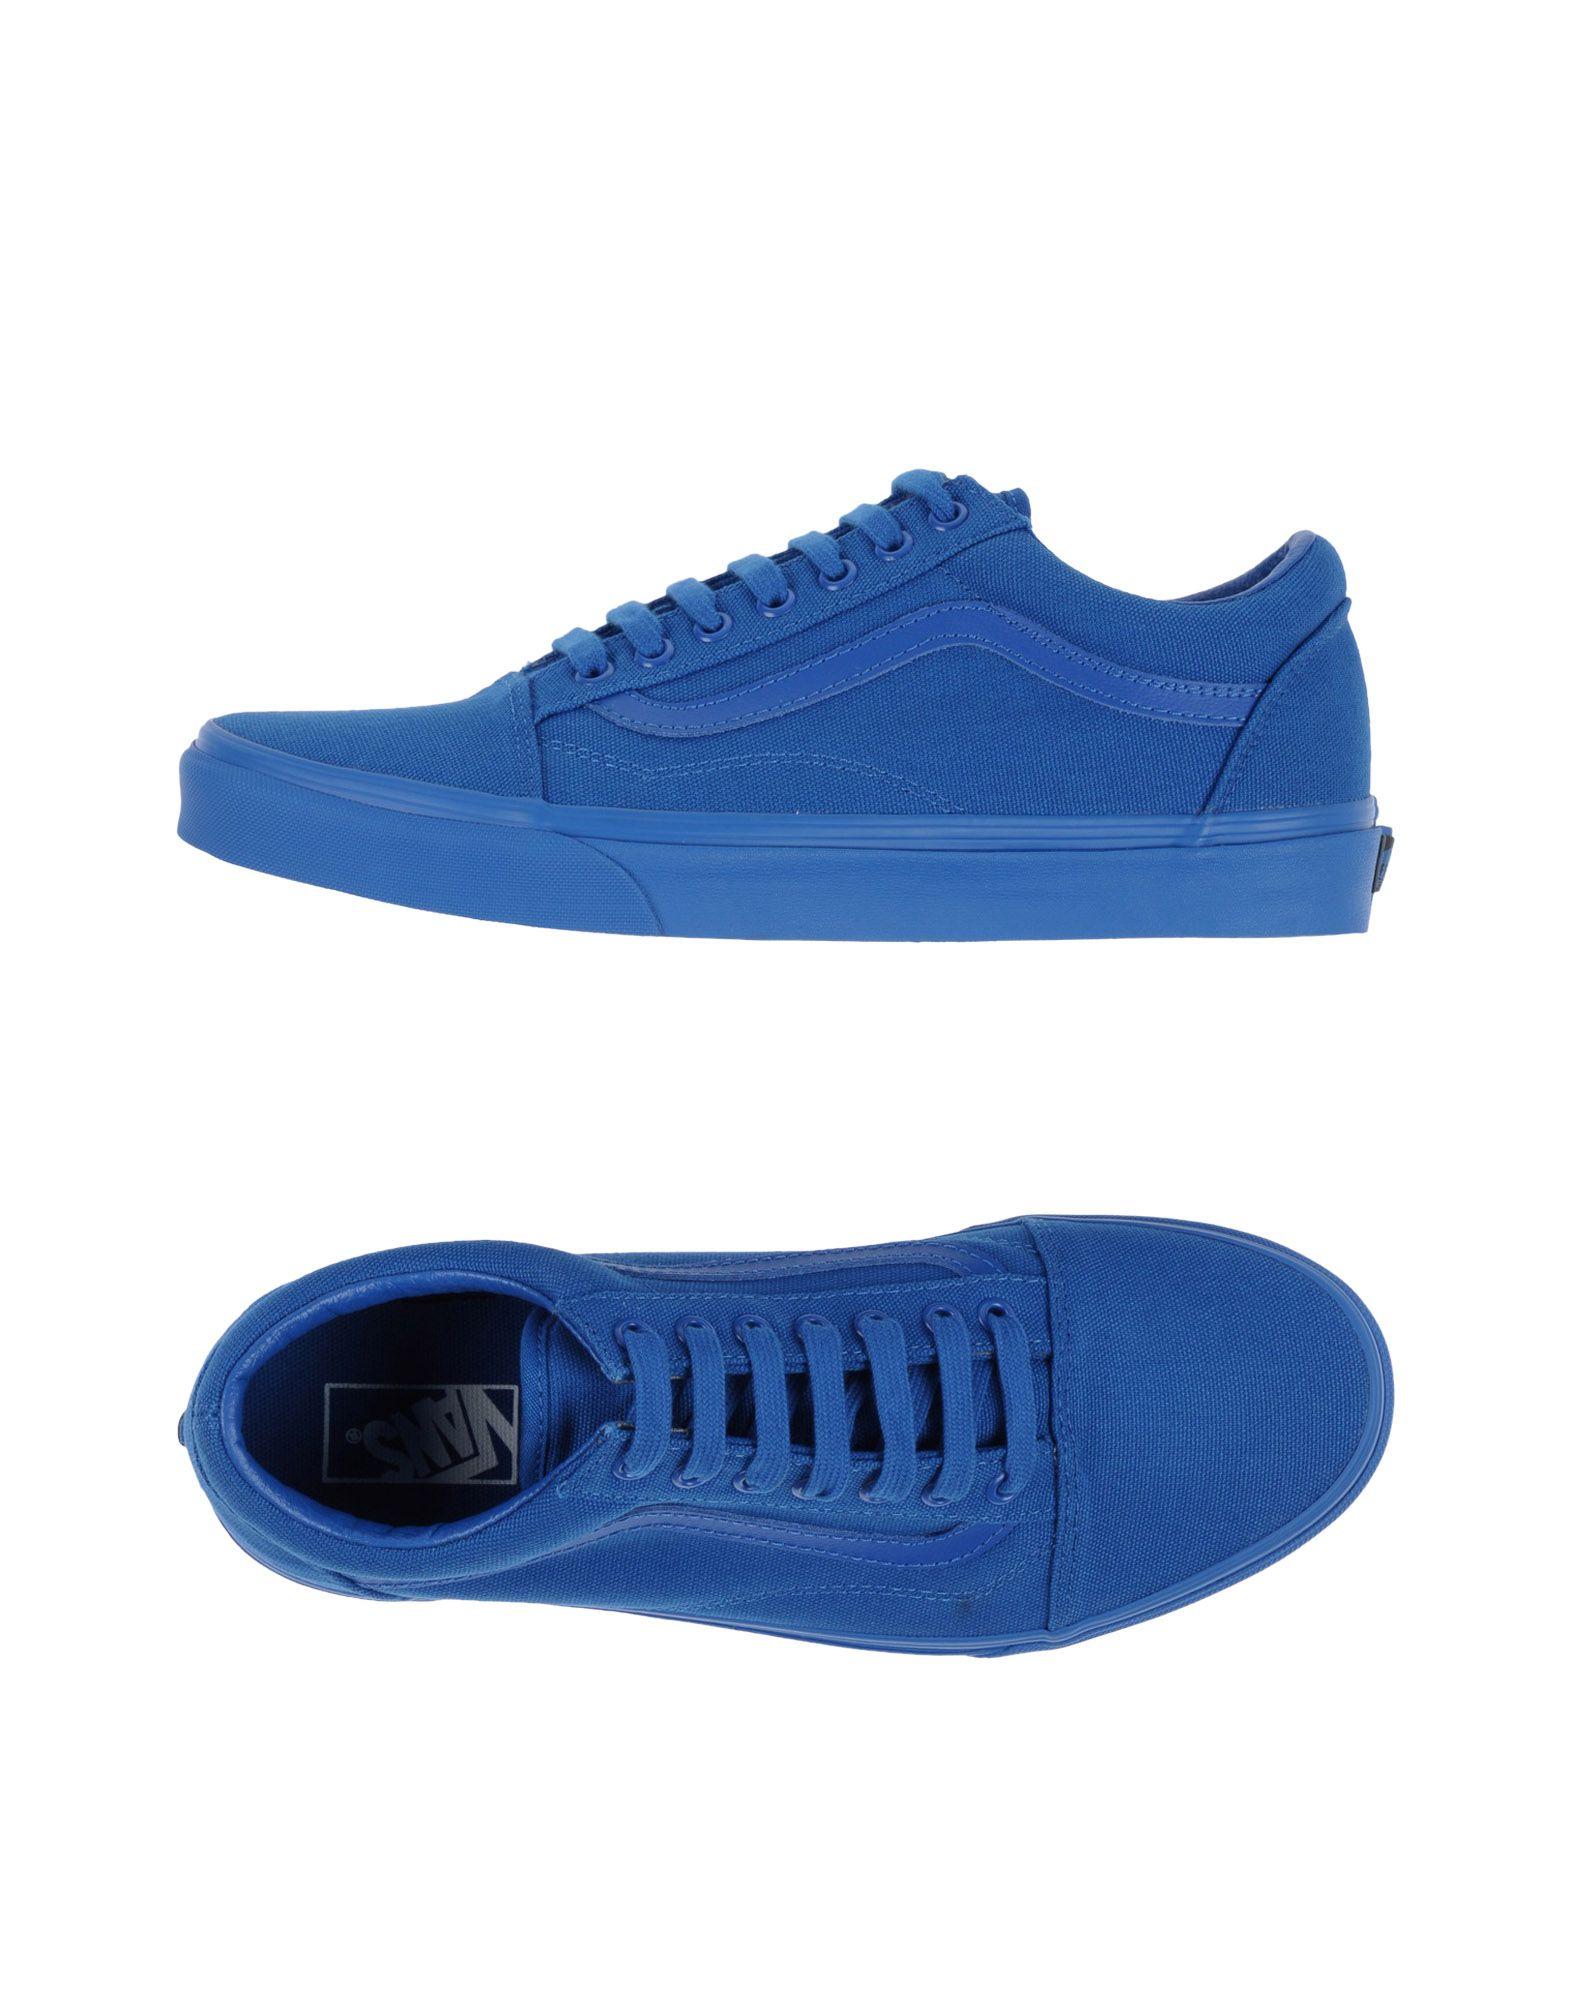 Rabatt echte Schuhe Herren Vans Sneakers Herren Schuhe  11146407DU 79bb51